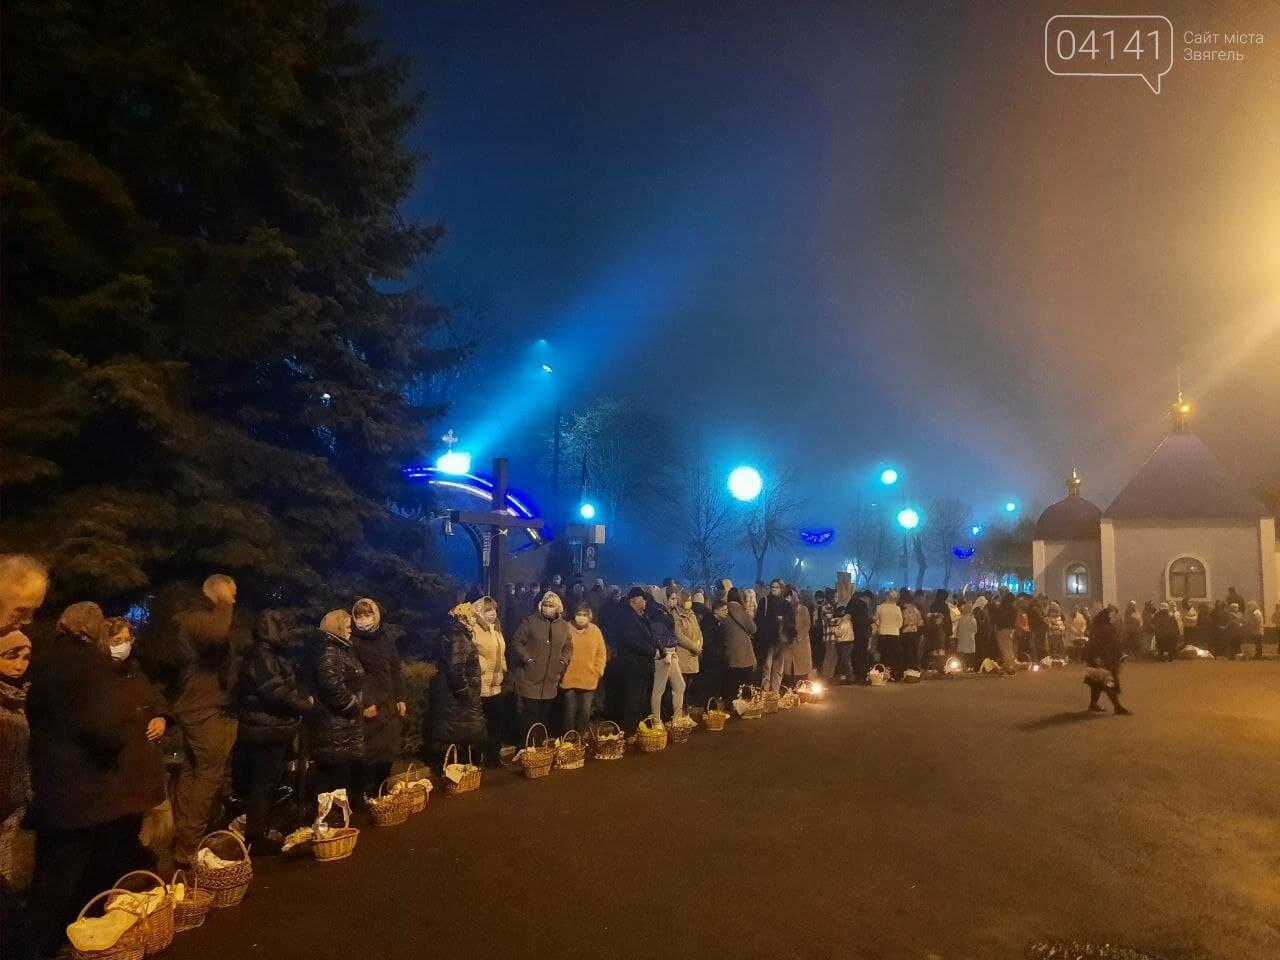 Христос Воскрес! Воістину Воскрес!: Новоград-волинці святкують Великдень-2021, фото-1